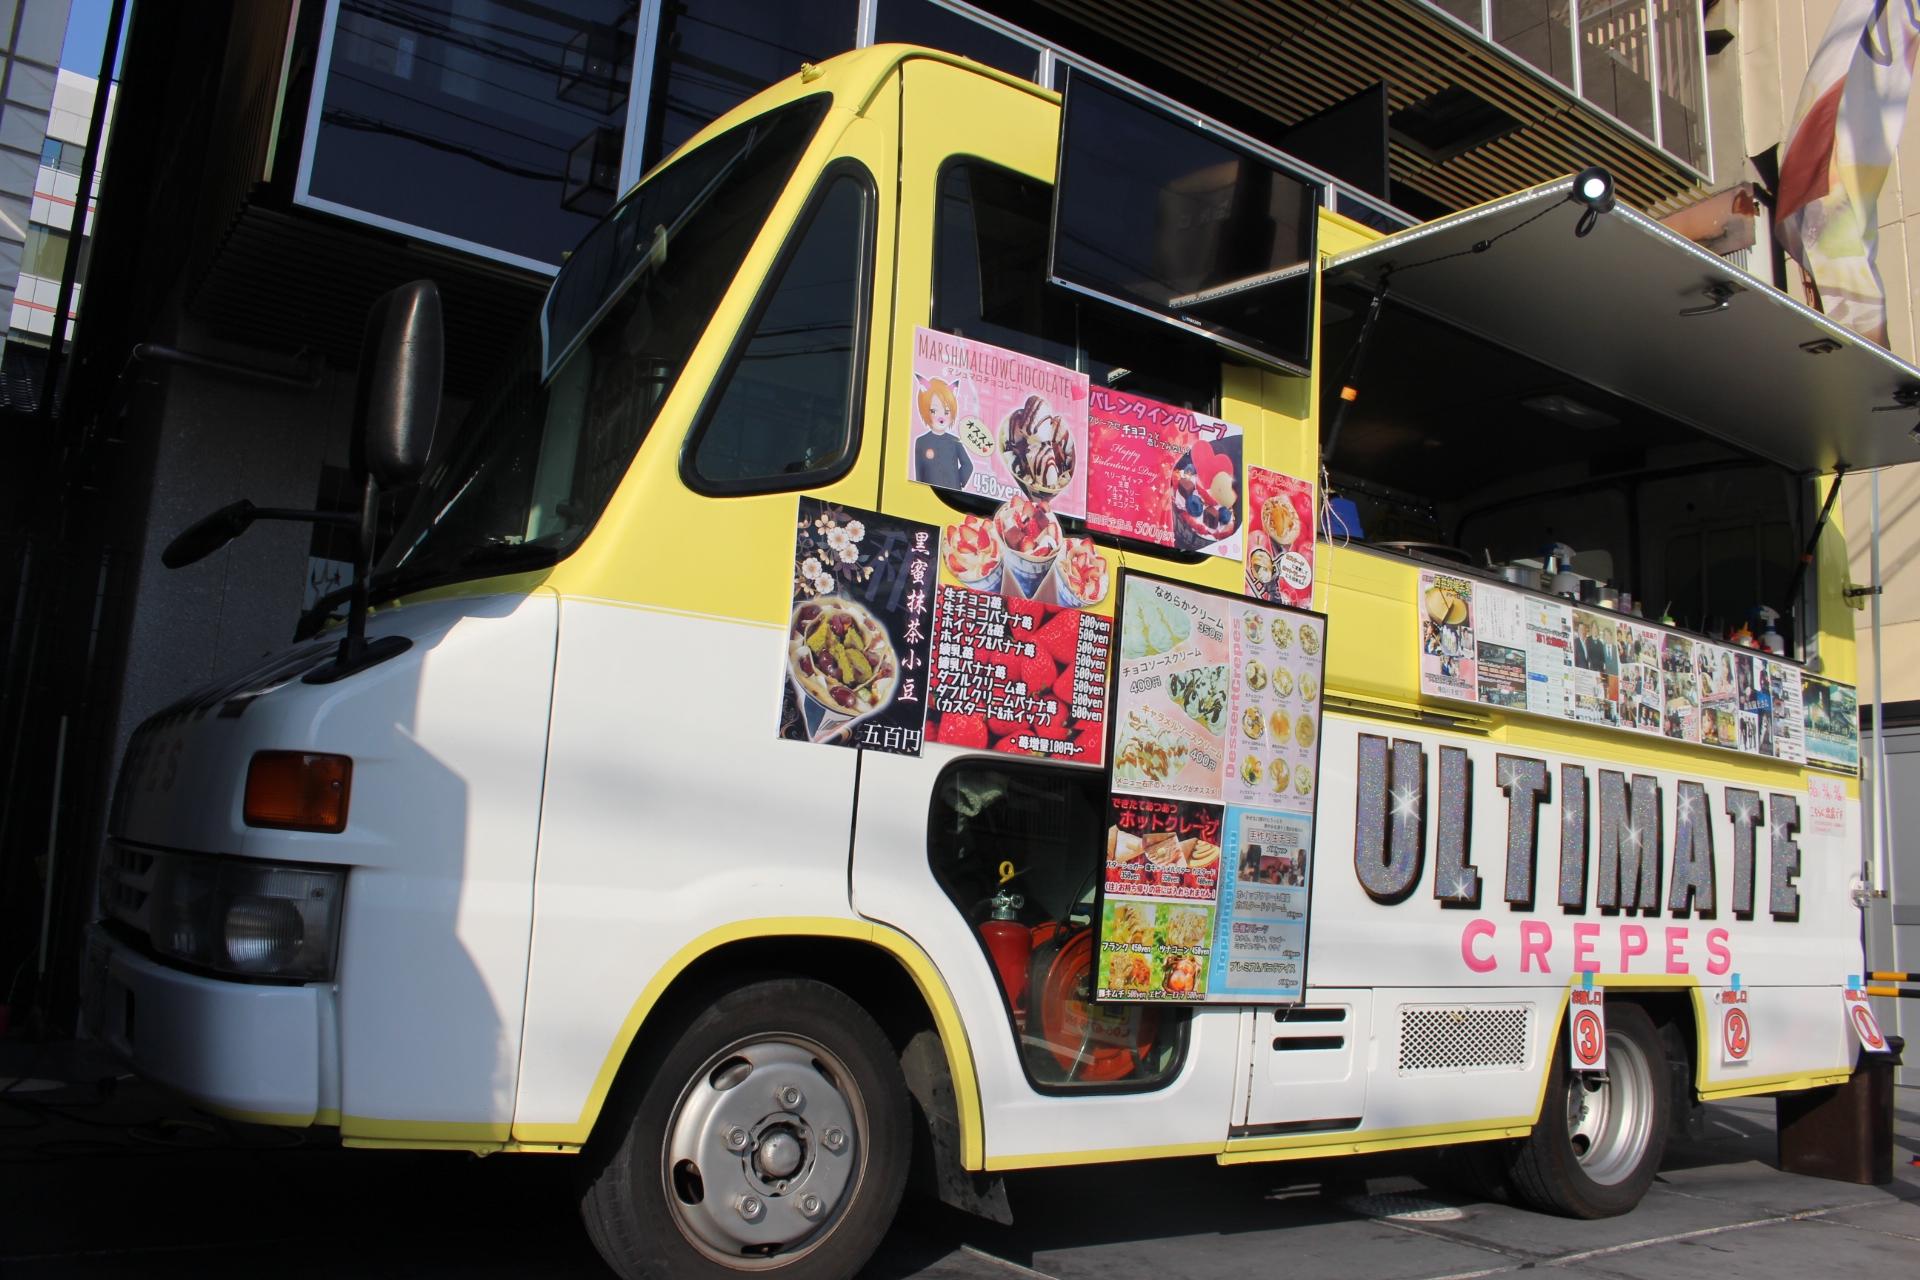 ULTIMATE CREPES,アルティメイトクレープス),キッチンカー,フードトラック,出店,大阪,奈良,クレープ